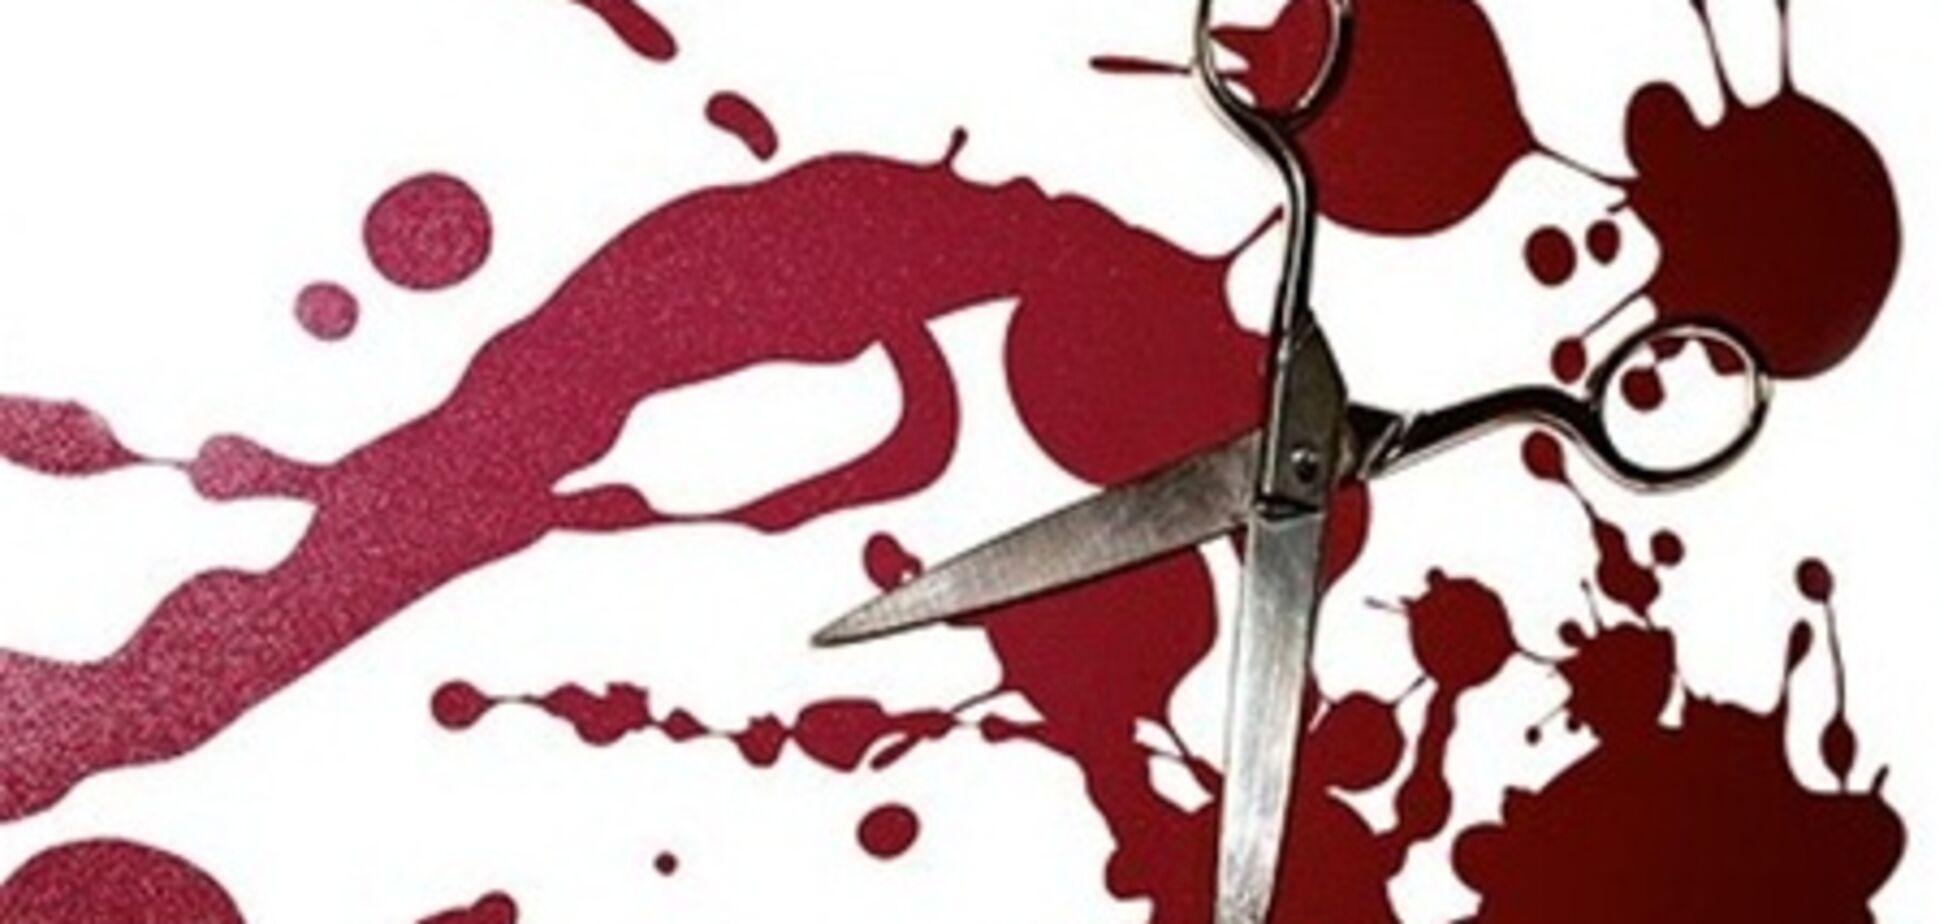 Побита 19-річним нелюдом на Миколаївщині старенька померла: подробиці